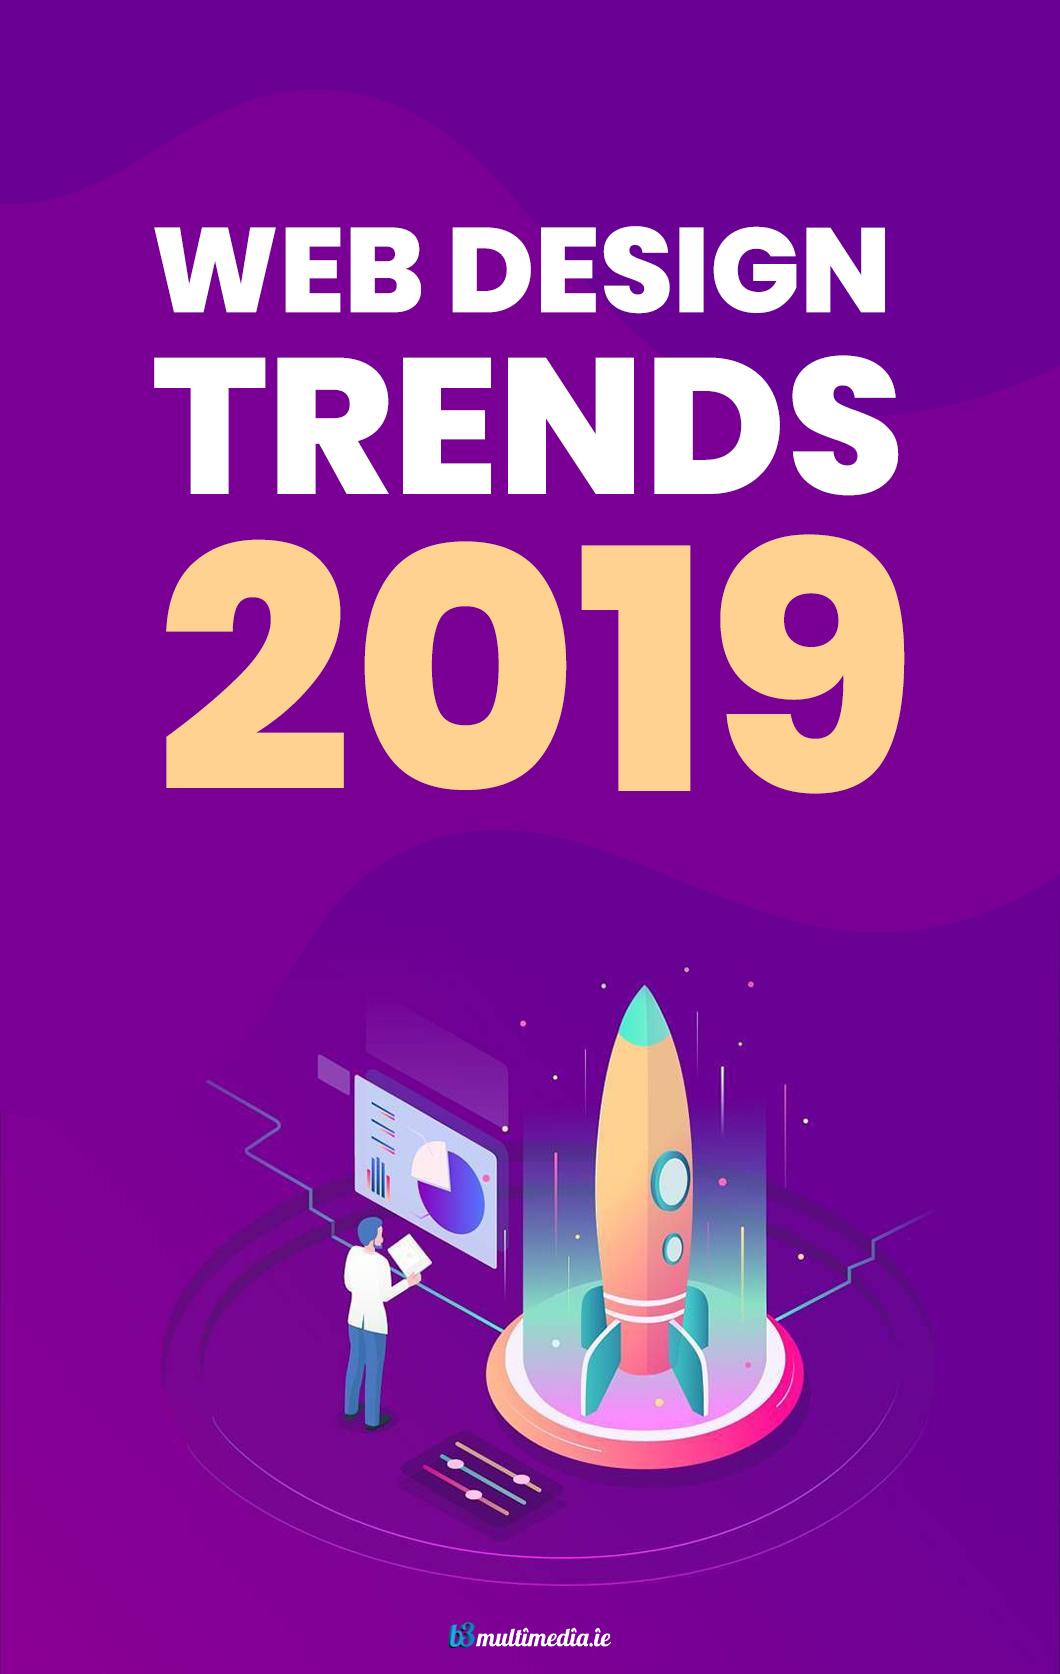 Web Design Trends 2019 Web Design Trends Web Design Tips Web Design Quotes